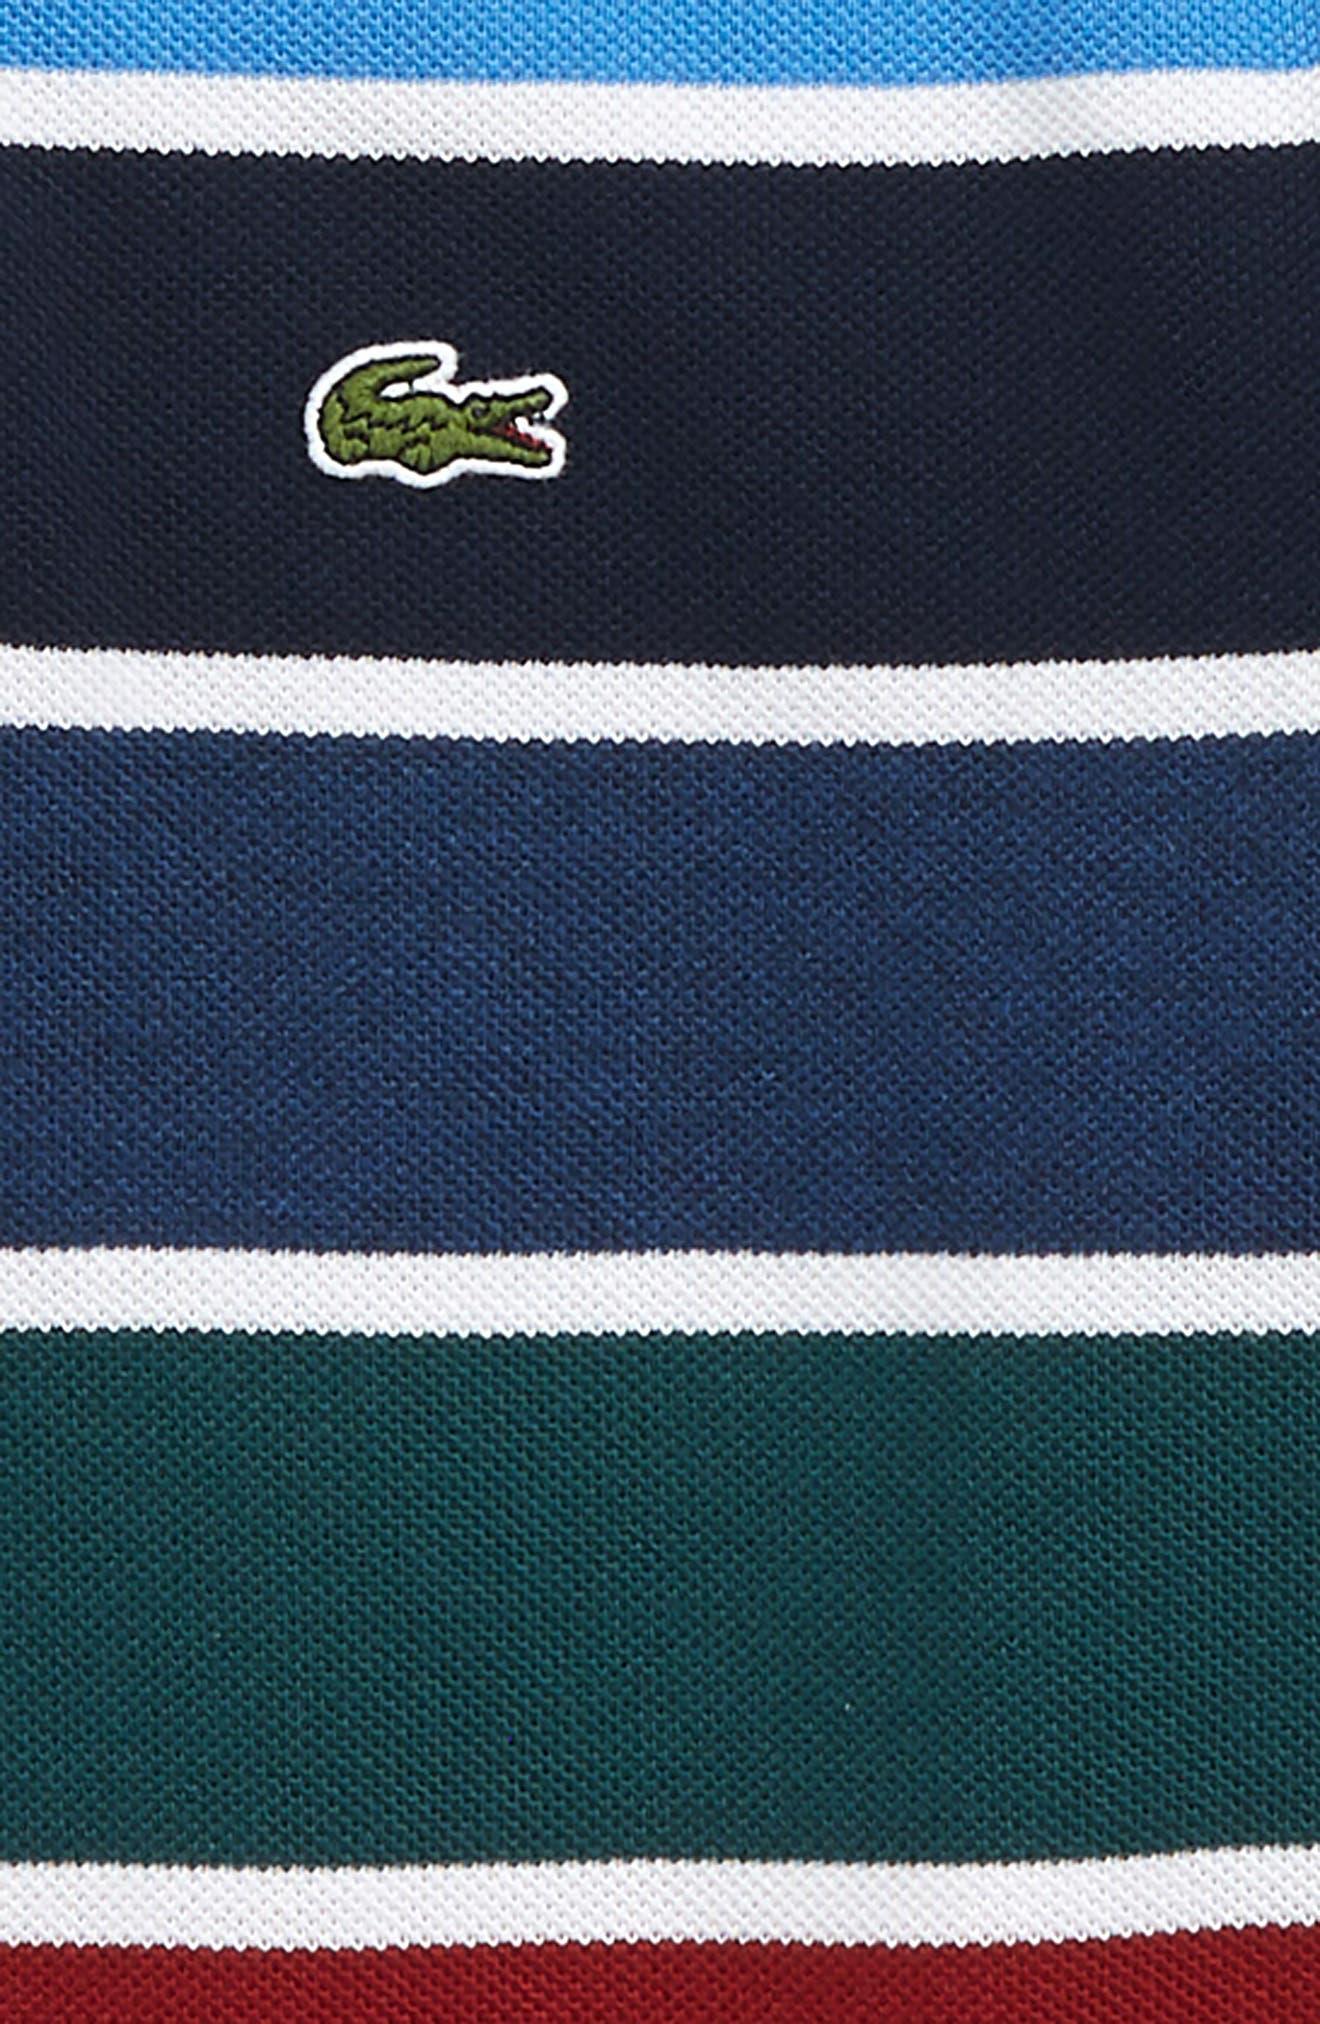 LACOSTE,                             Multicolor Stripe Piqué Polo,                             Alternate thumbnail 2, color,                             BLUE / WHITE